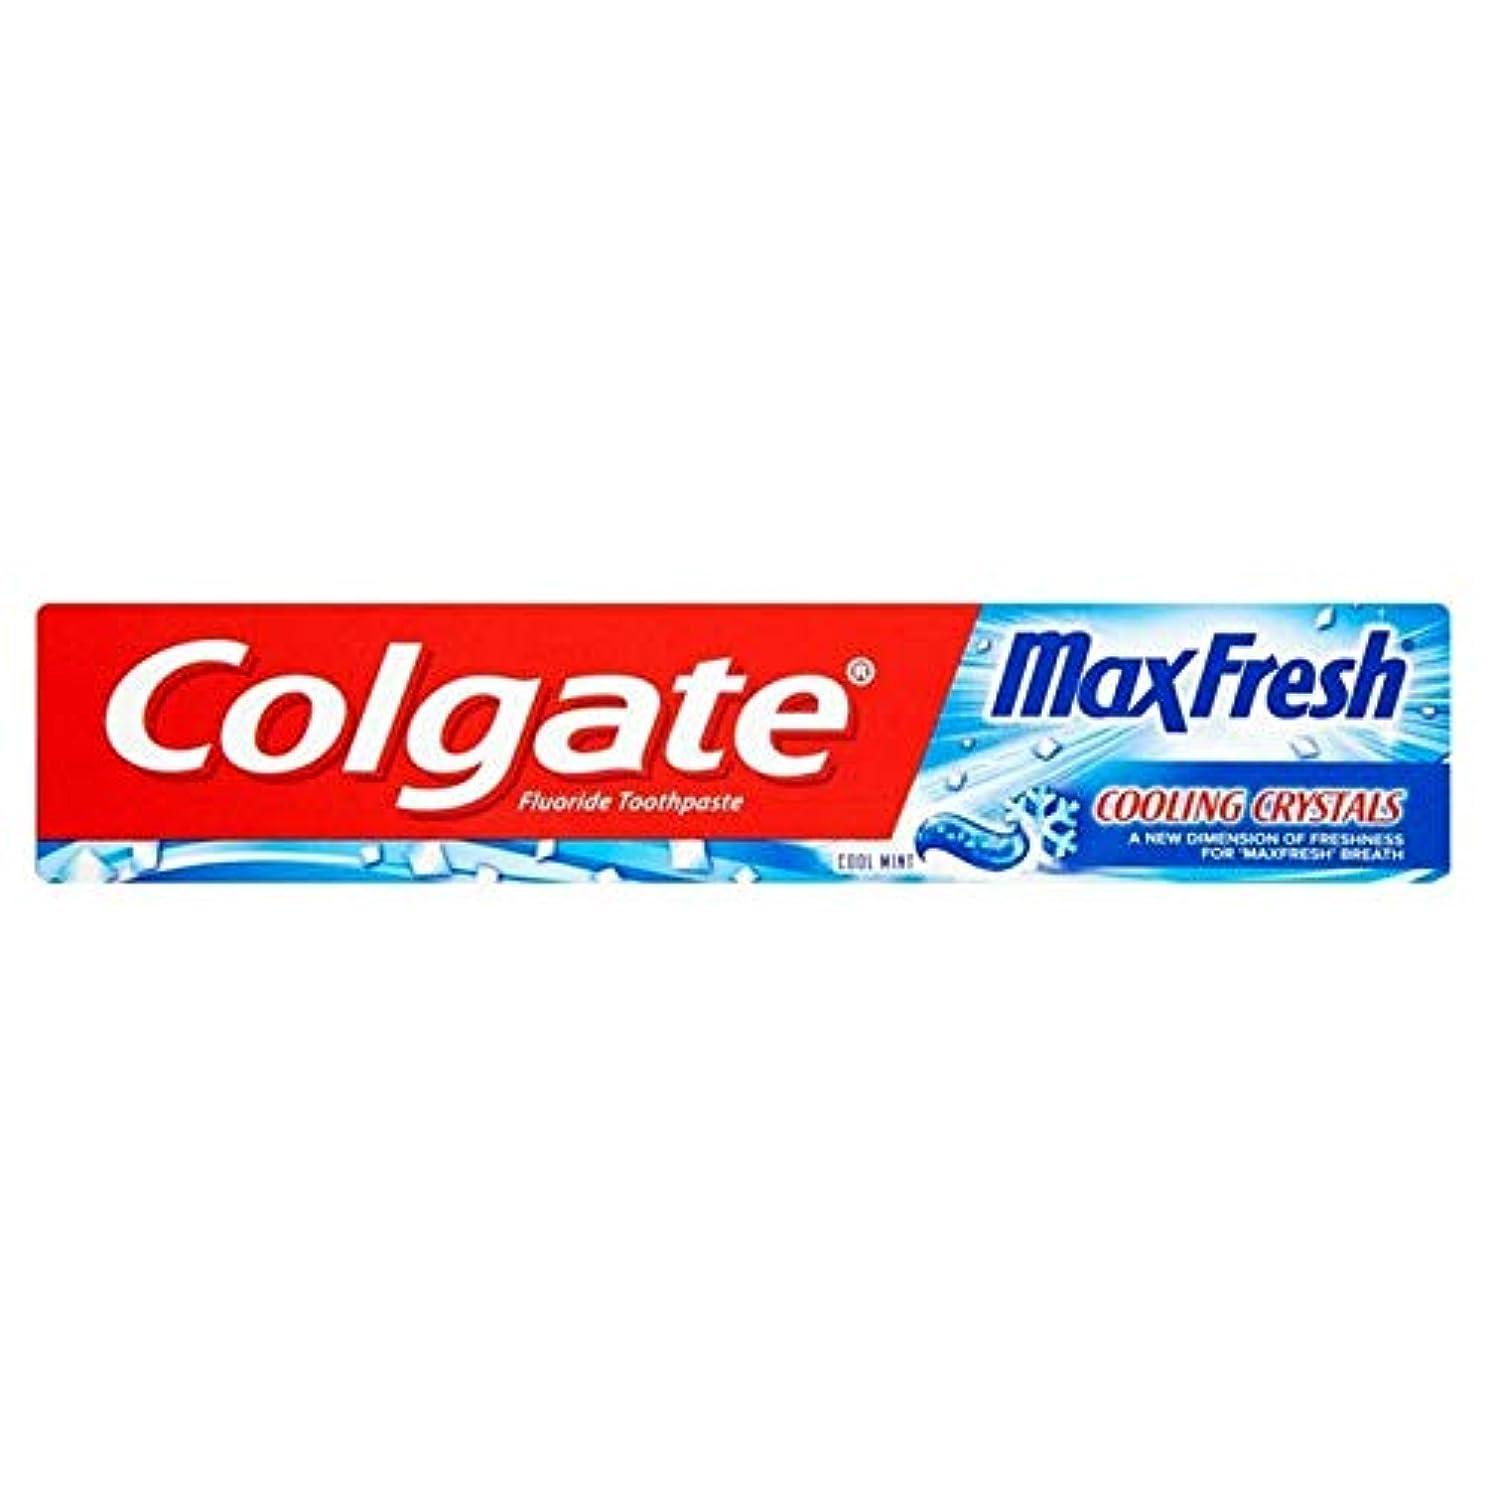 浪費赤面干渉する[Colgate ] 冷却結晶歯磨き粉75ミリリットル新鮮なコルゲートマックス - Colgate Max Fresh with Cooling Crystals Toothpaste 75ml [並行輸入品]